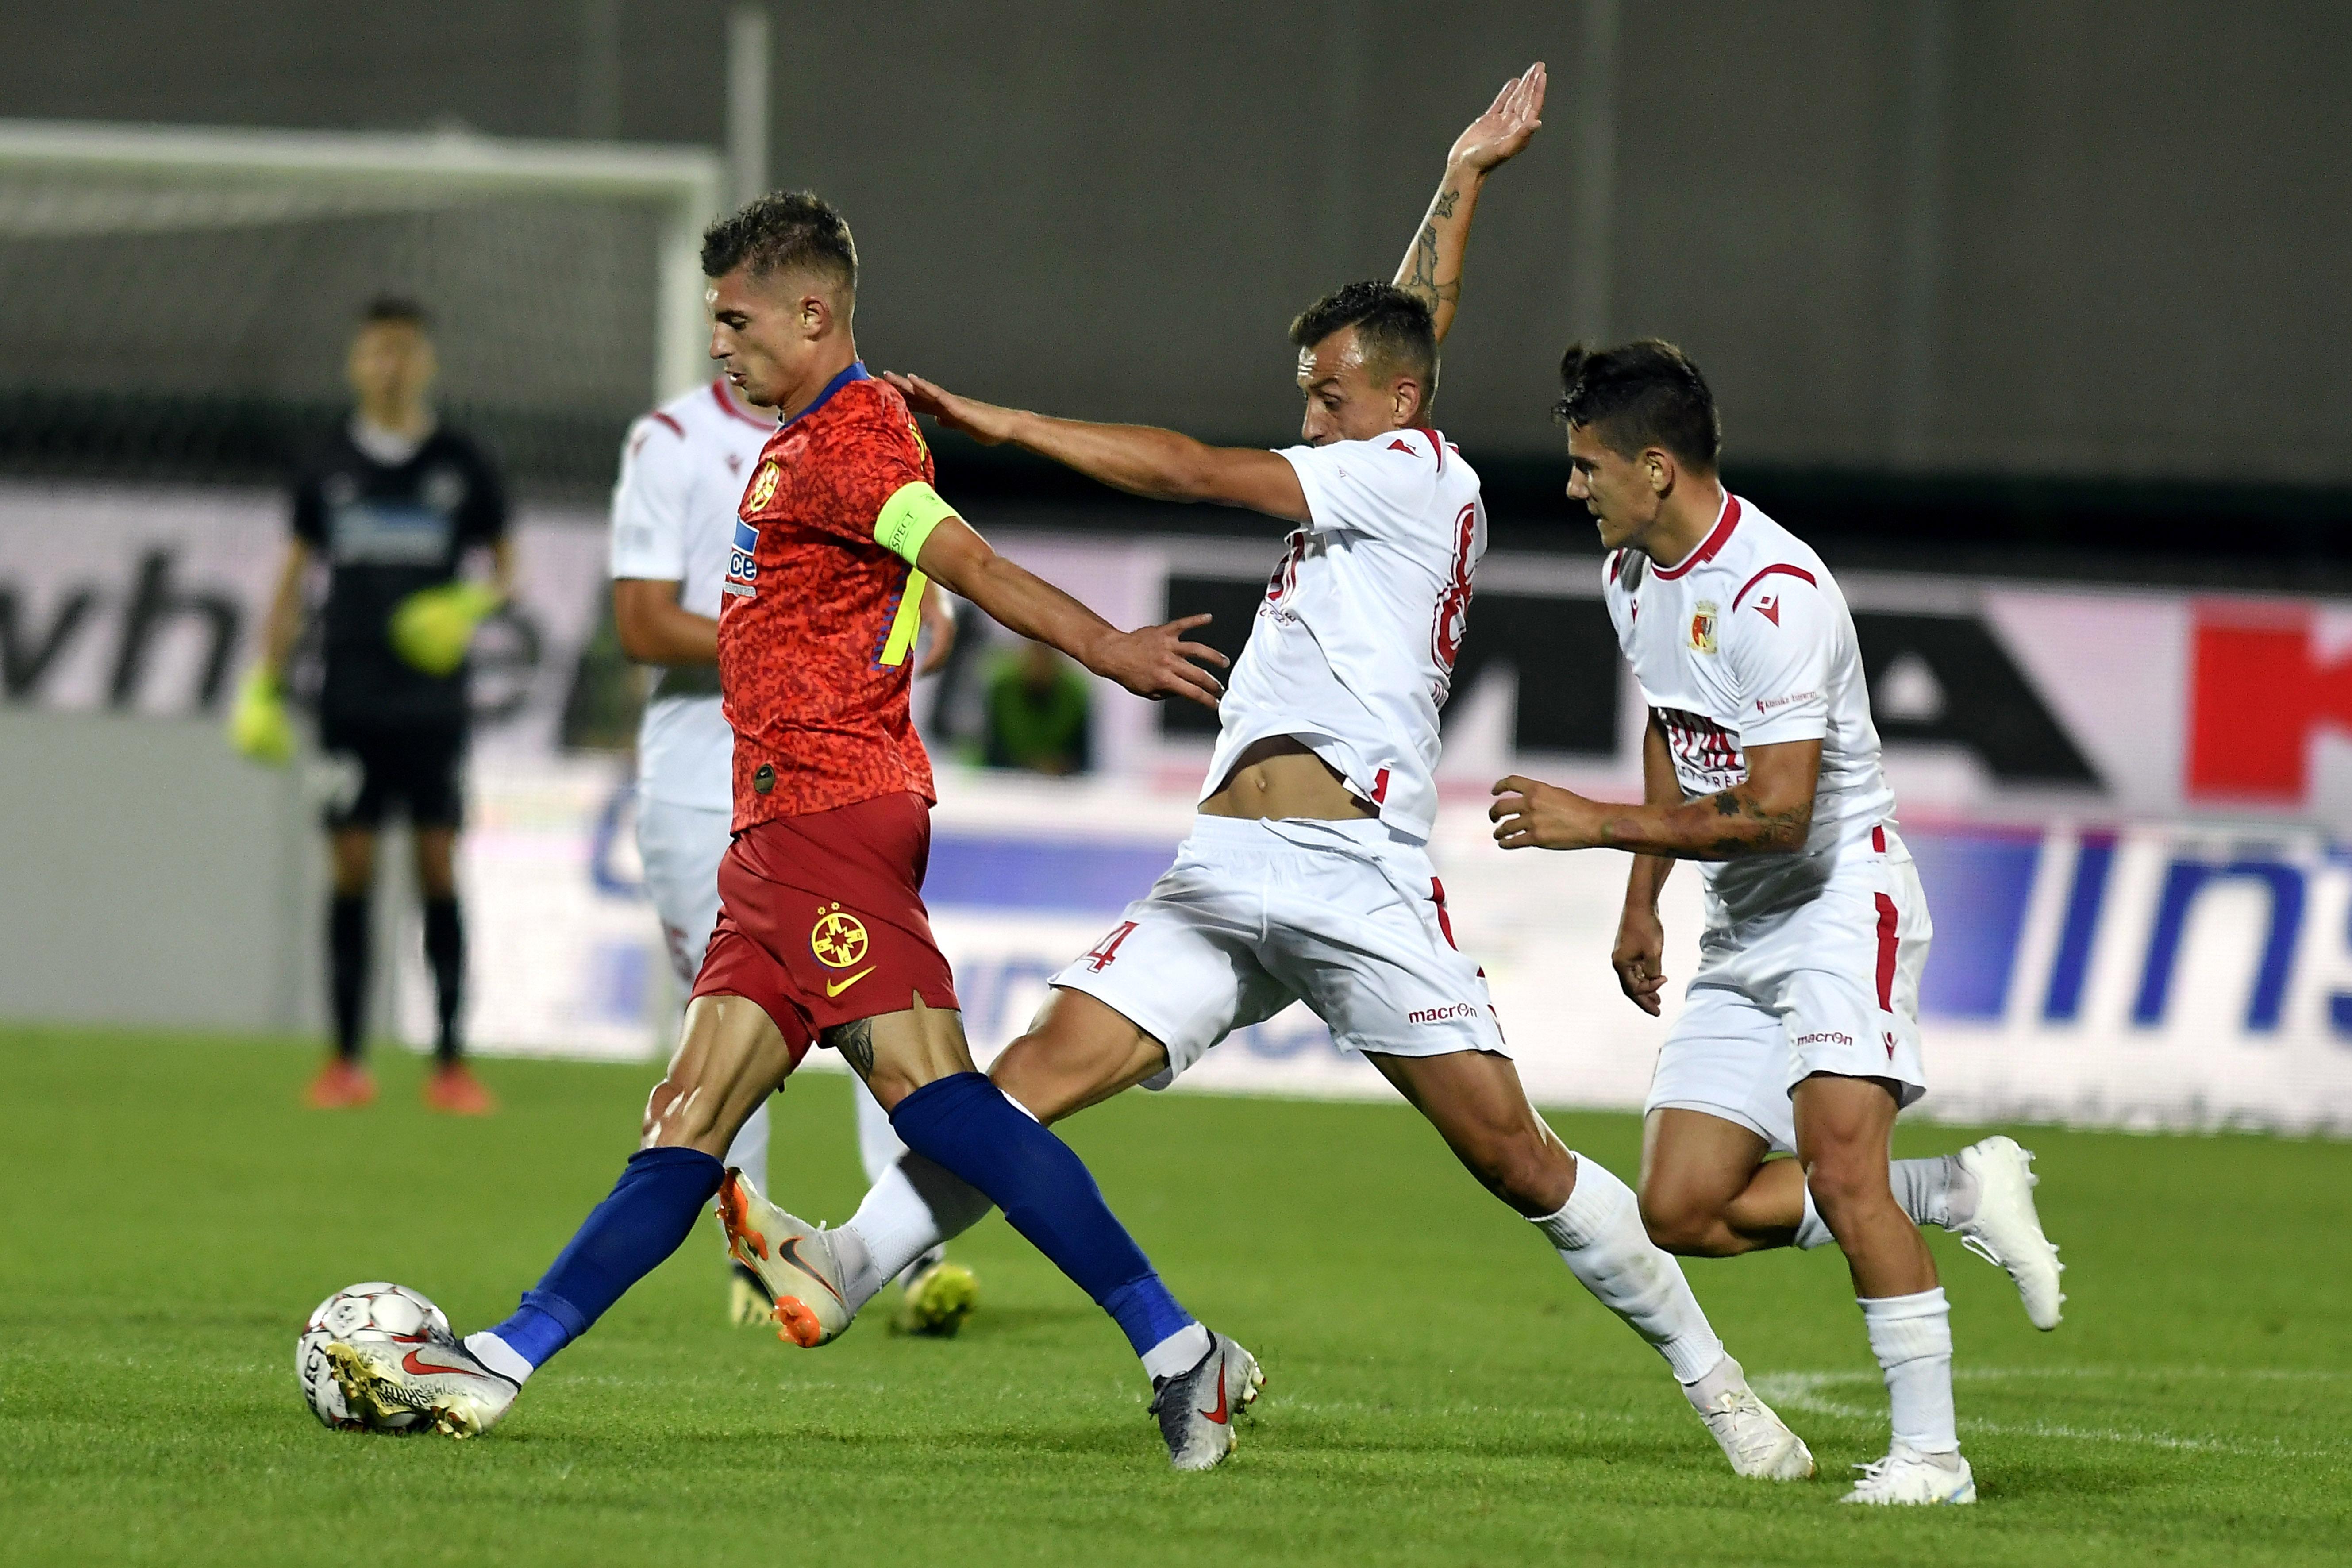 Posibilii adversari pentru FCSB, Viitorul şi U Craiova dacă UEFA Europa Conference League începea din vară